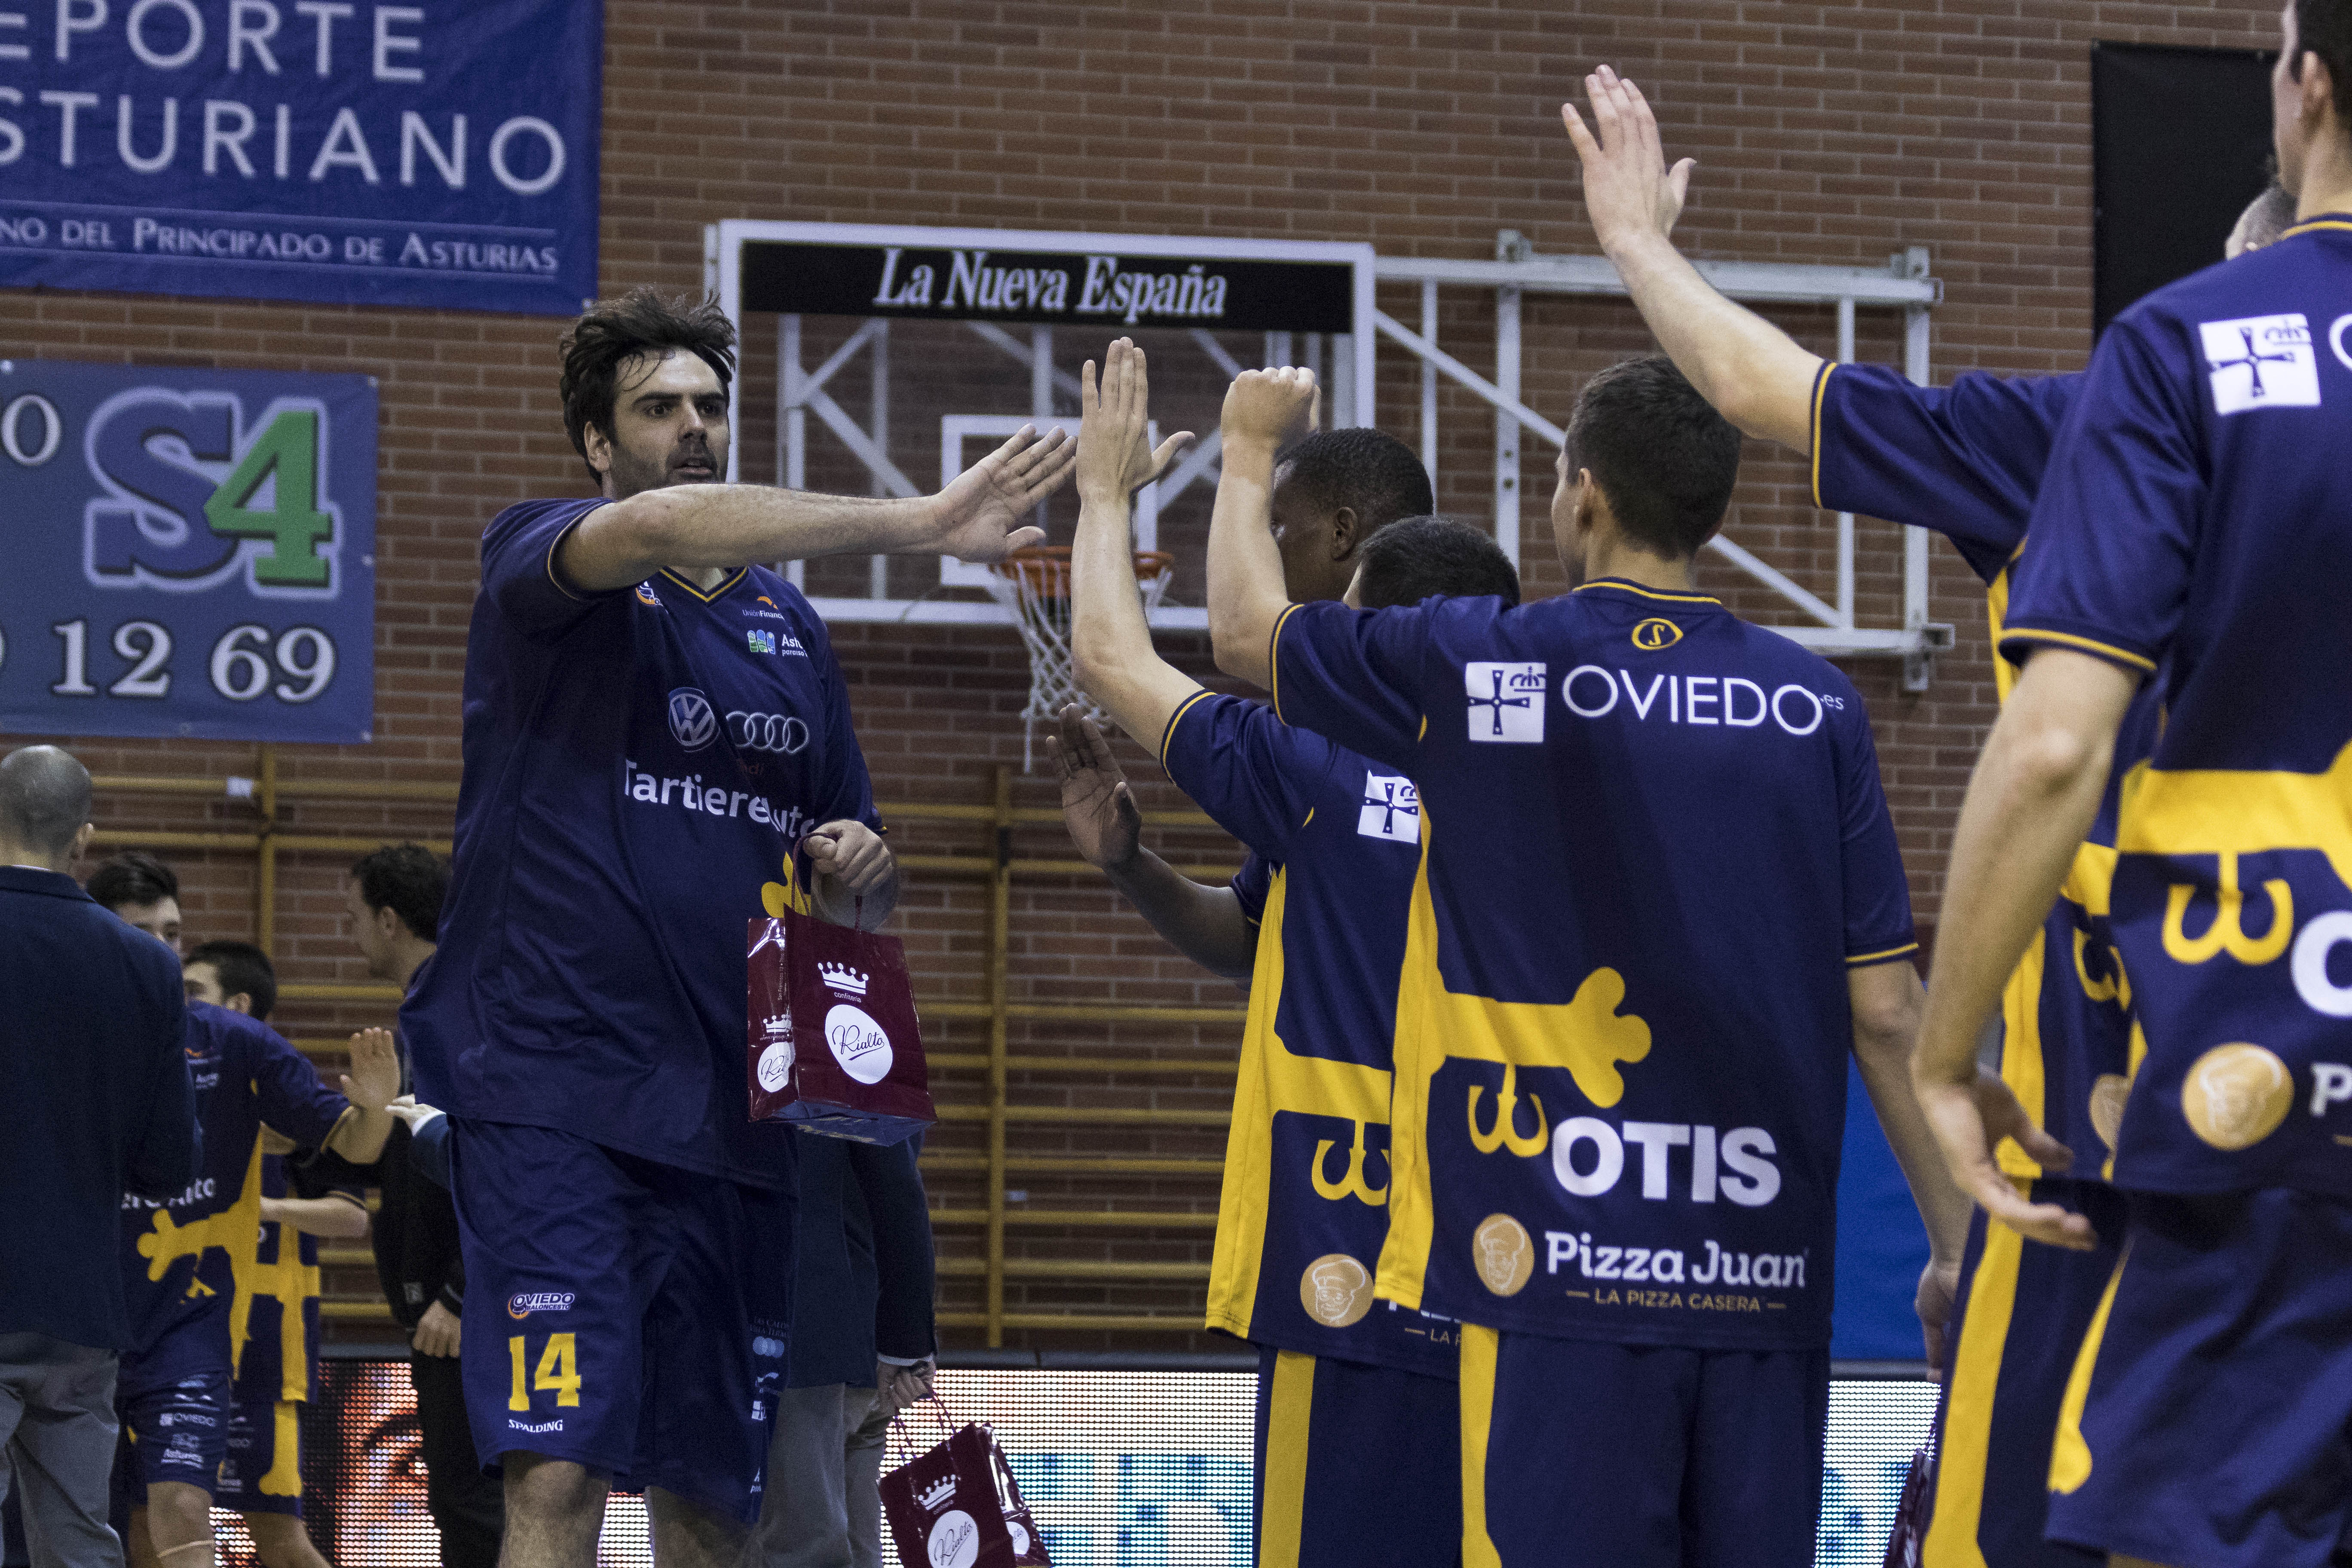 Presentación Oviedo Baloncesto (Foto: Christian García)